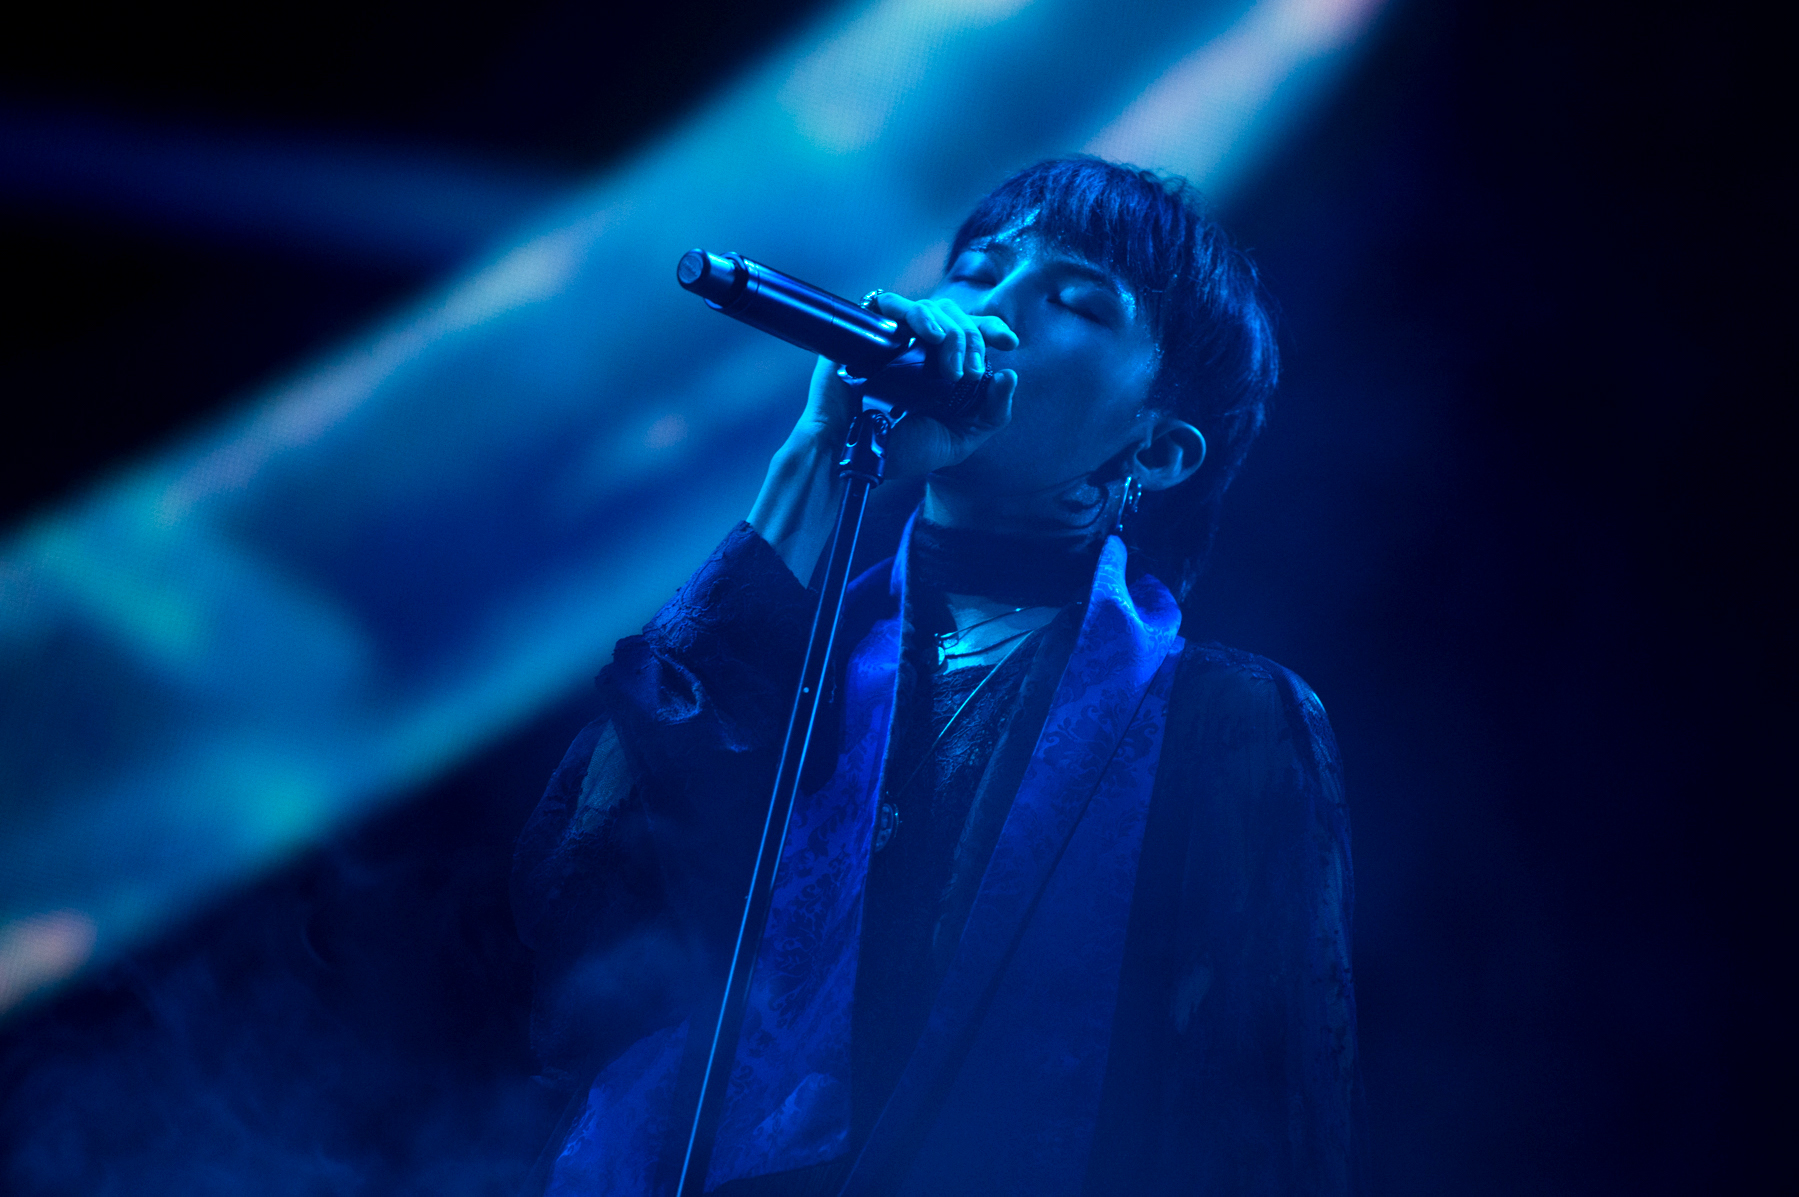 Photo: Bora Kim | Live Nation